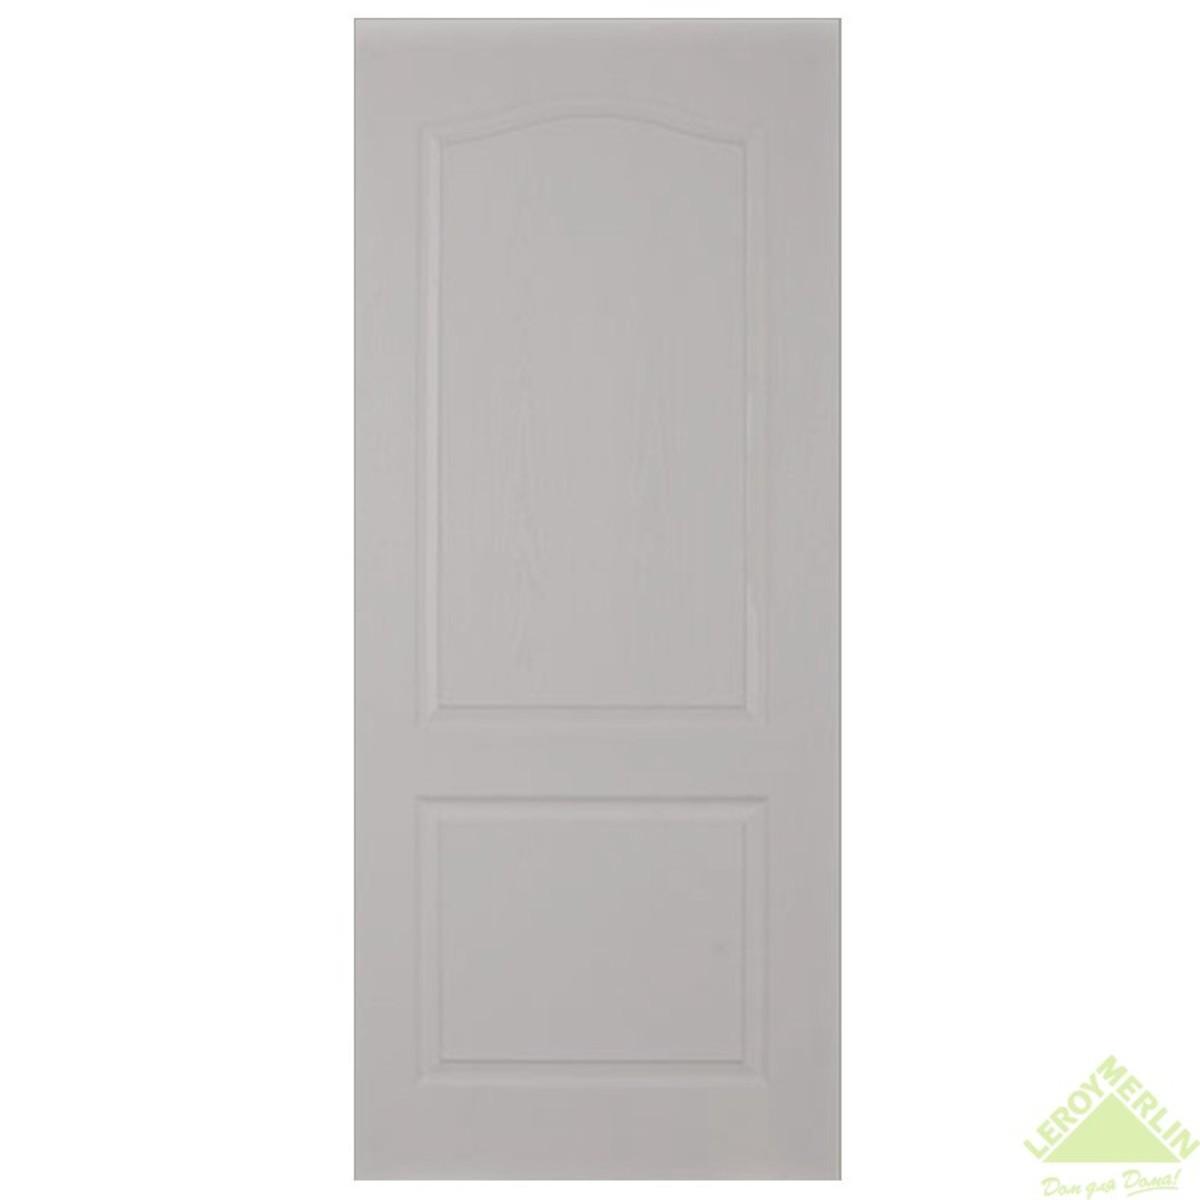 Дверь межкомнатная глухая Палитра 70x200 см ламинация цвет дуб белёный